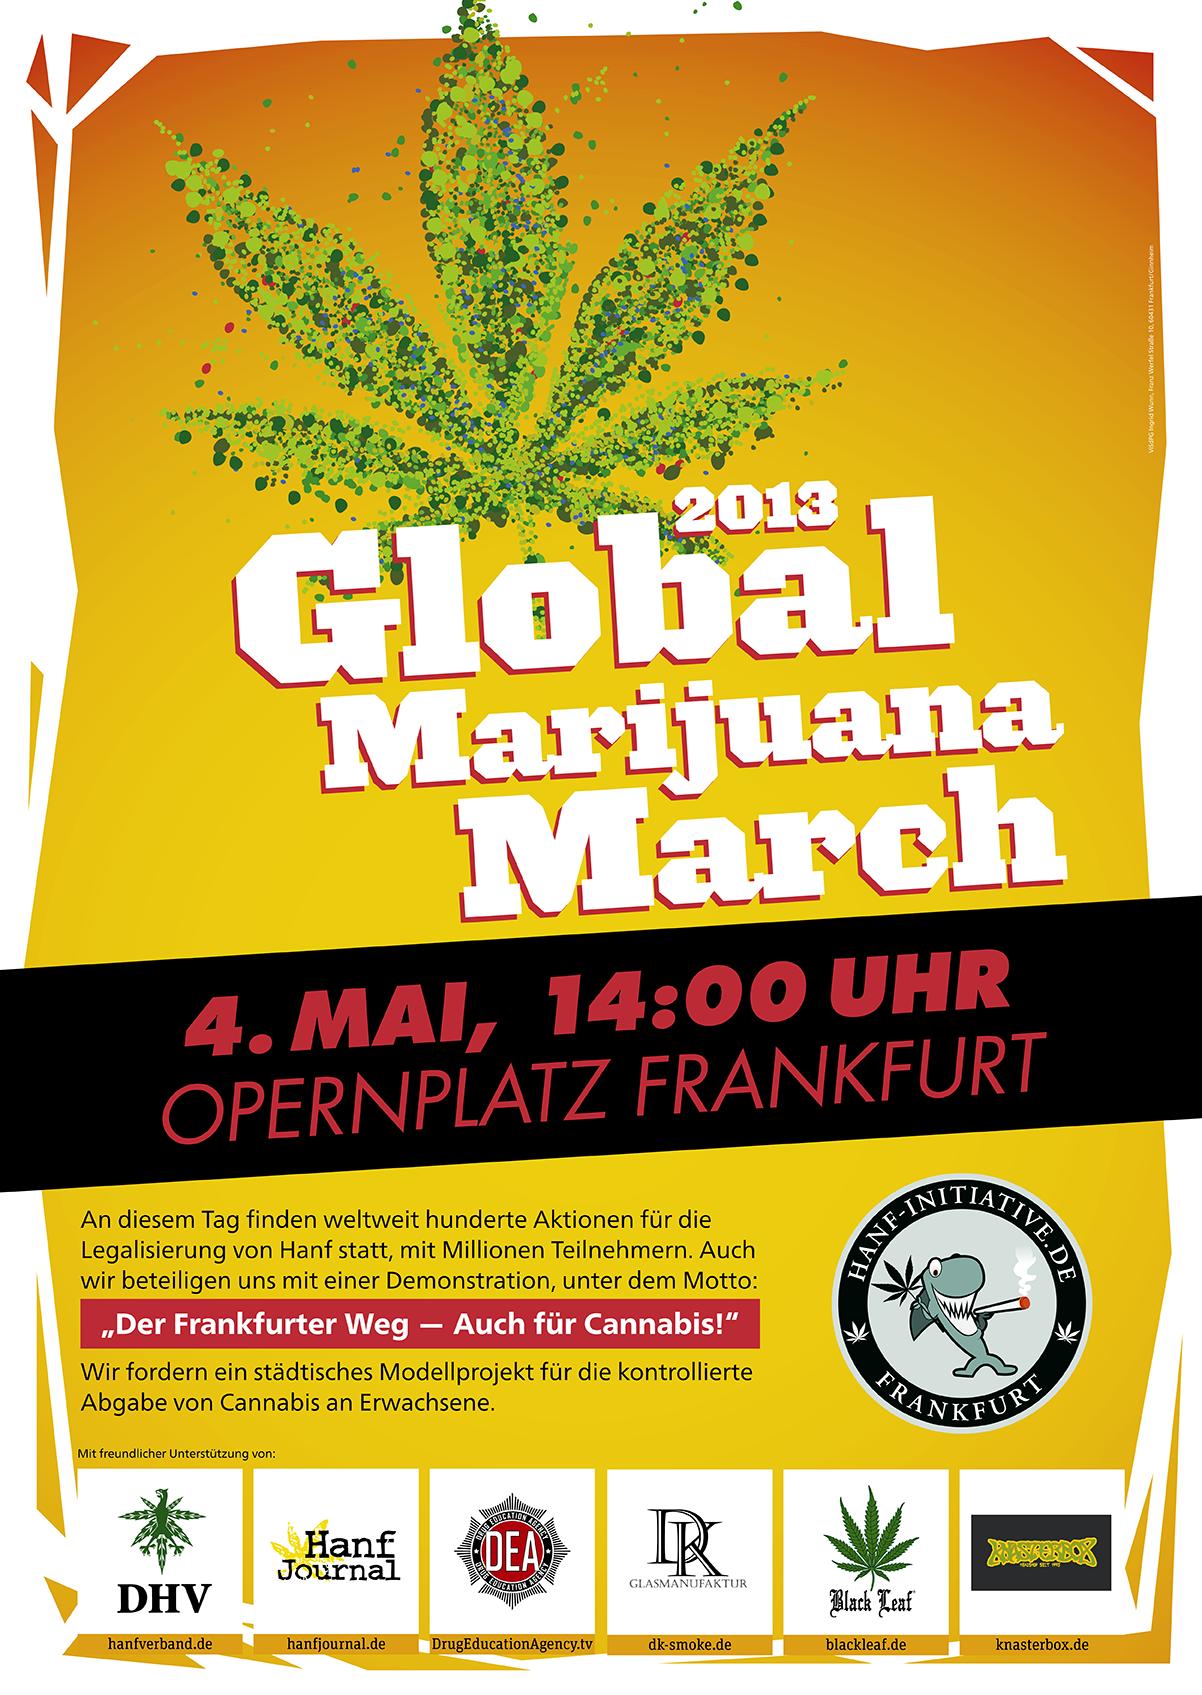 poster_a3+_gmm2013-frankfurt_web_01-04-2013